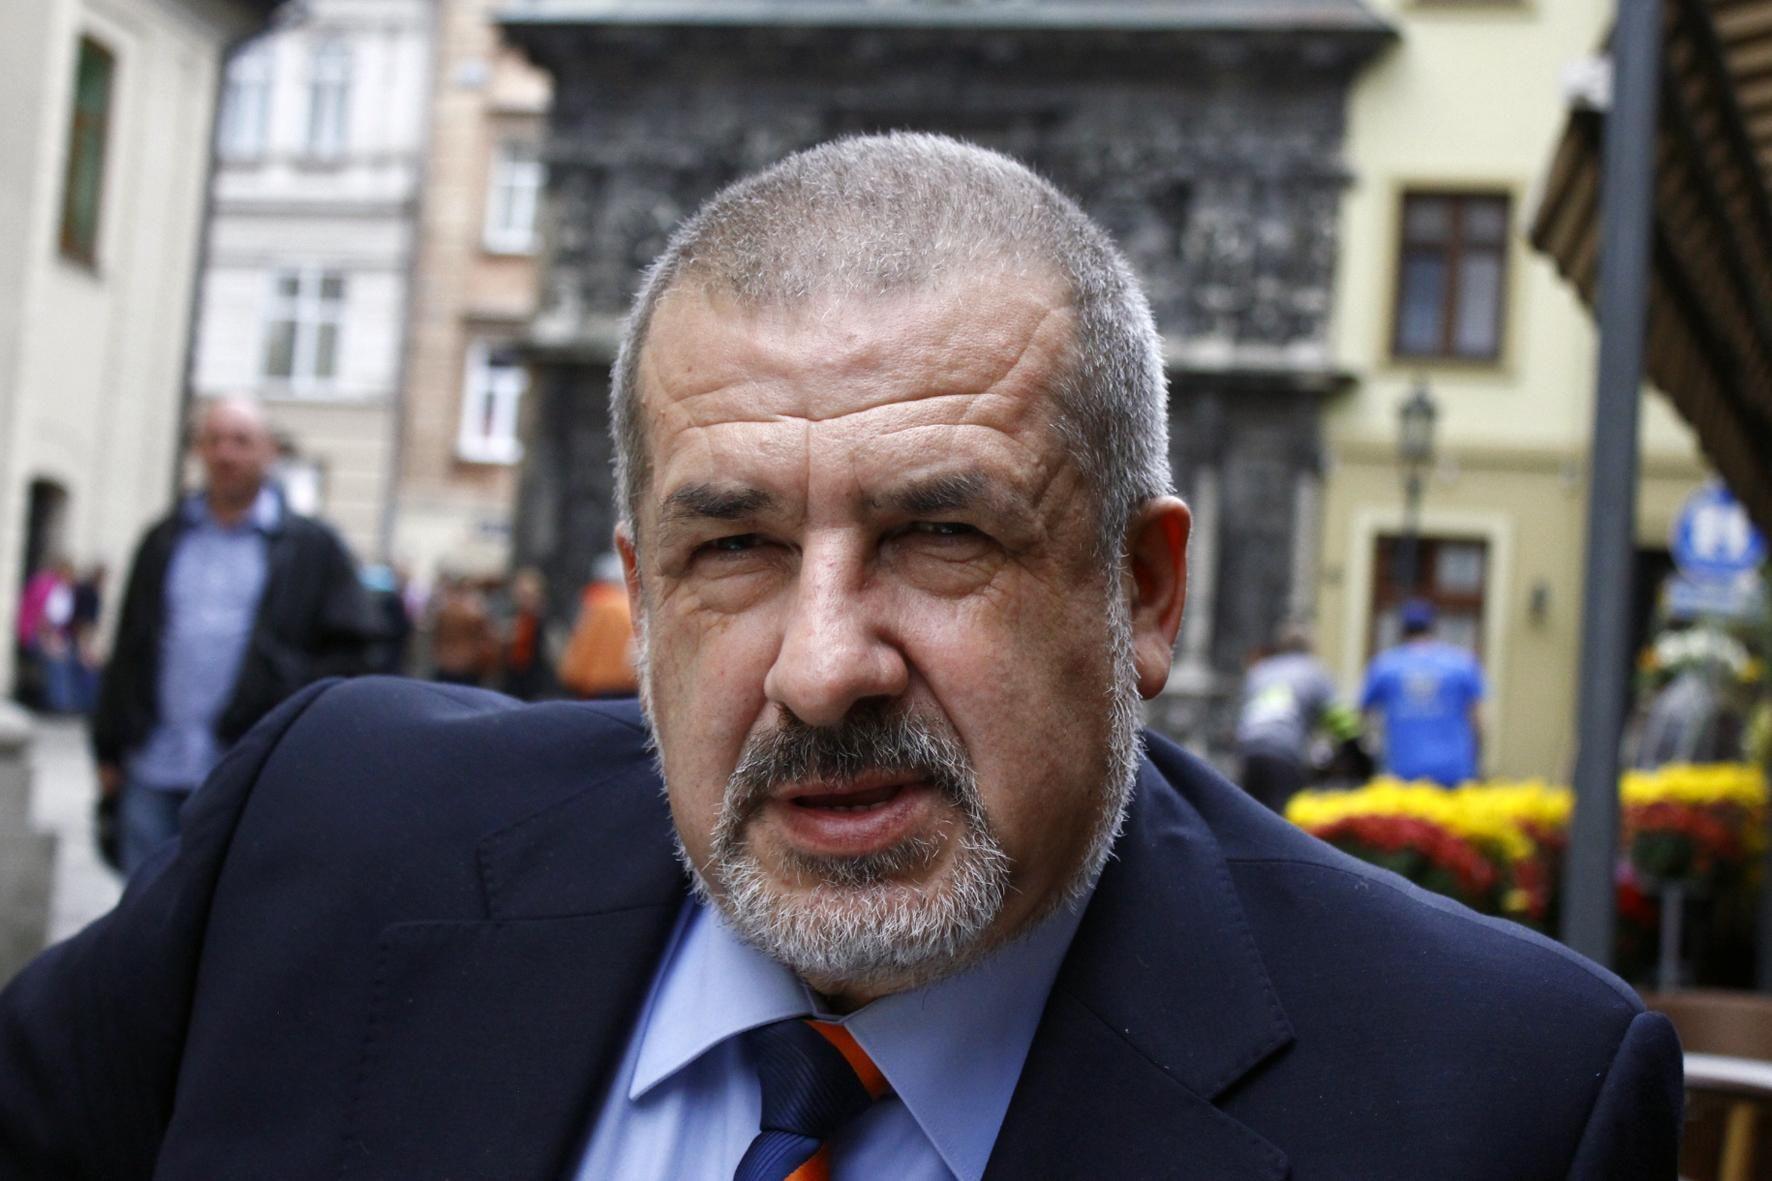 Рефат Чубаров коментар нормандський саміт кримьскі татари політв'язні